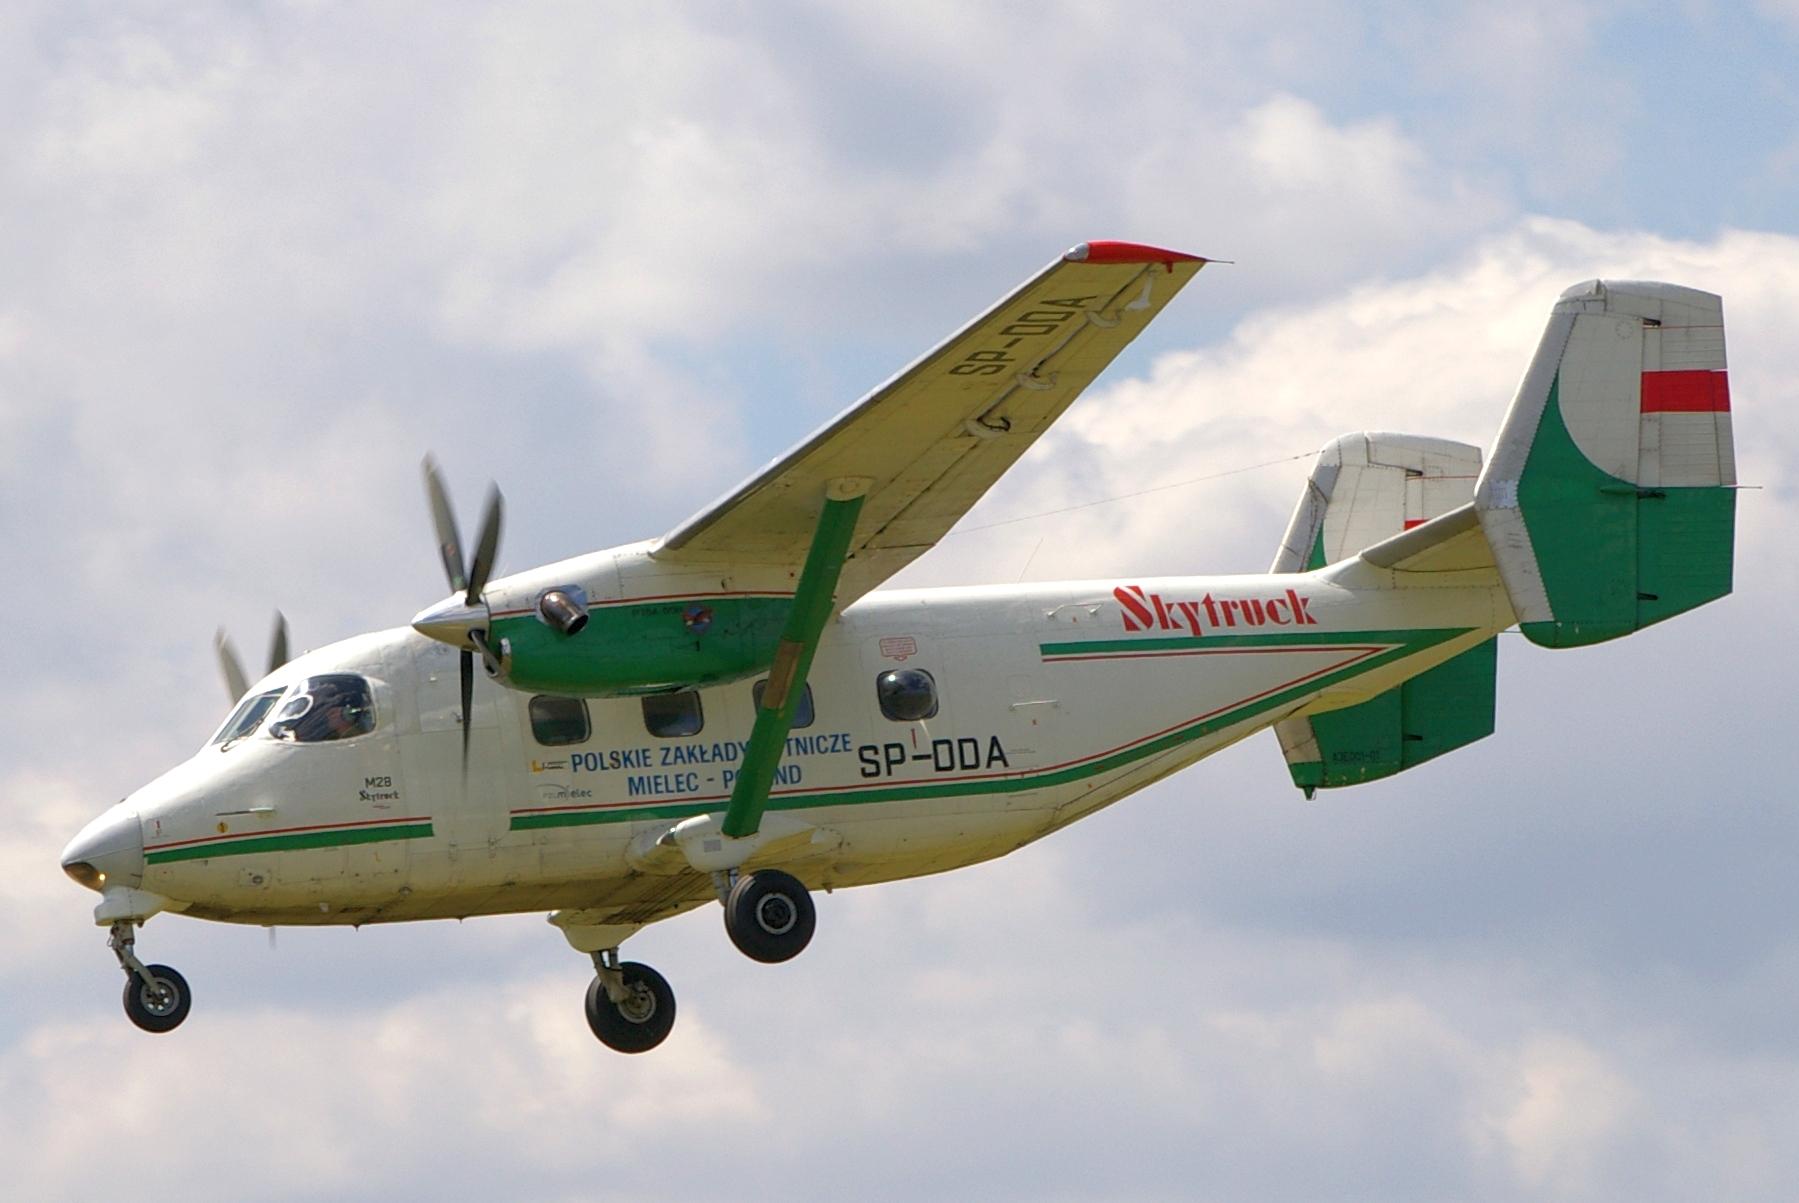 PZL M28 Skytruck - Wikipedia